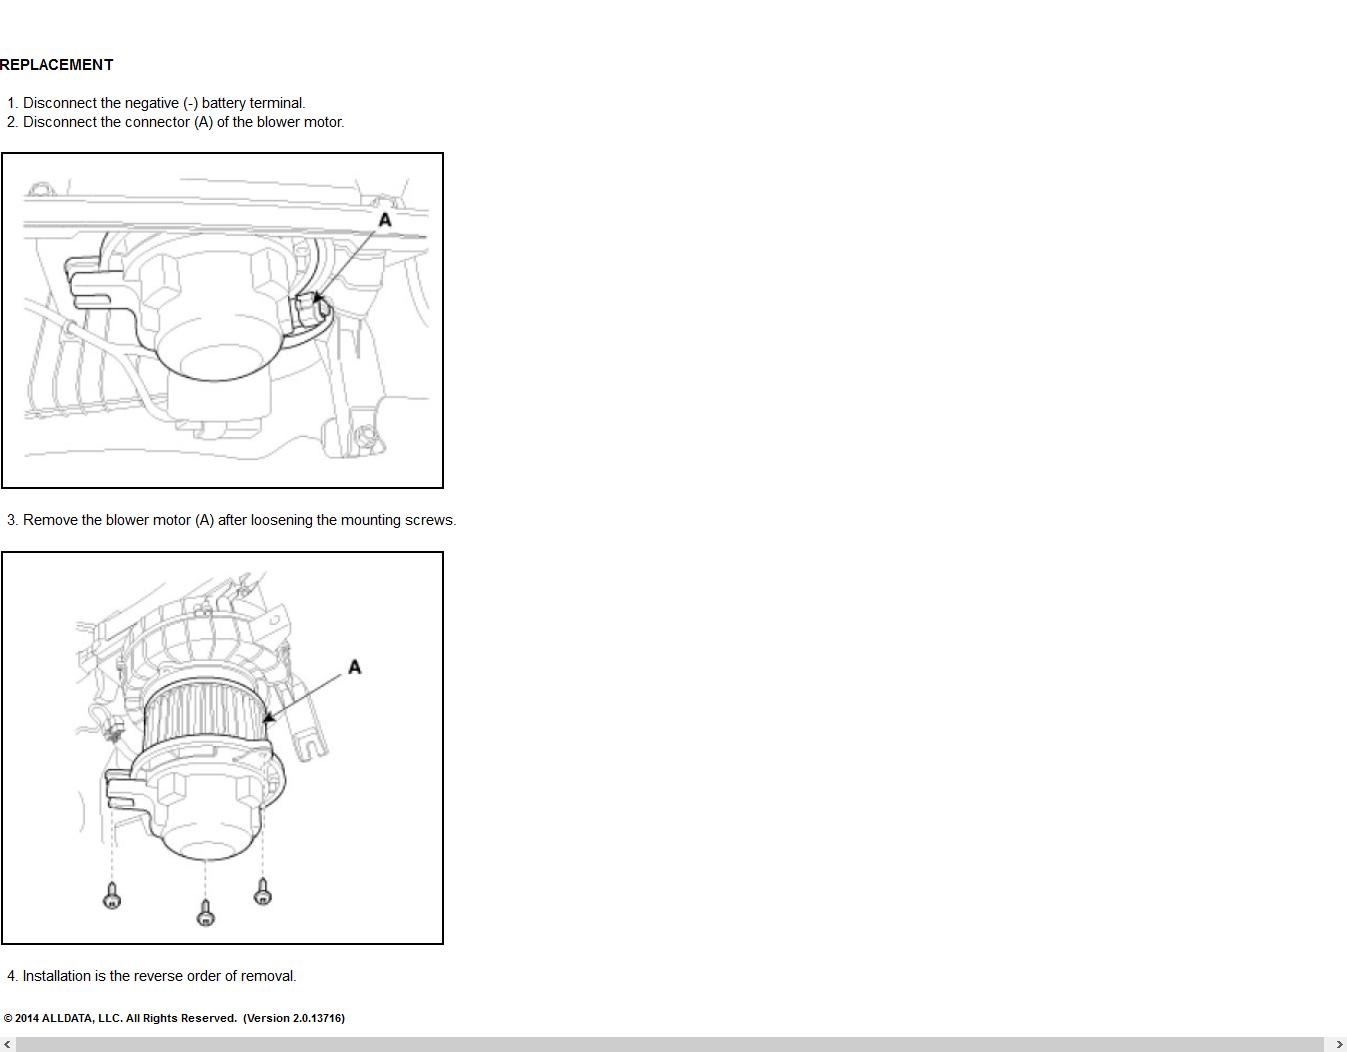 2002 Kia Optima Wiring Diagram Justanswer Kia 4ge7y Kia